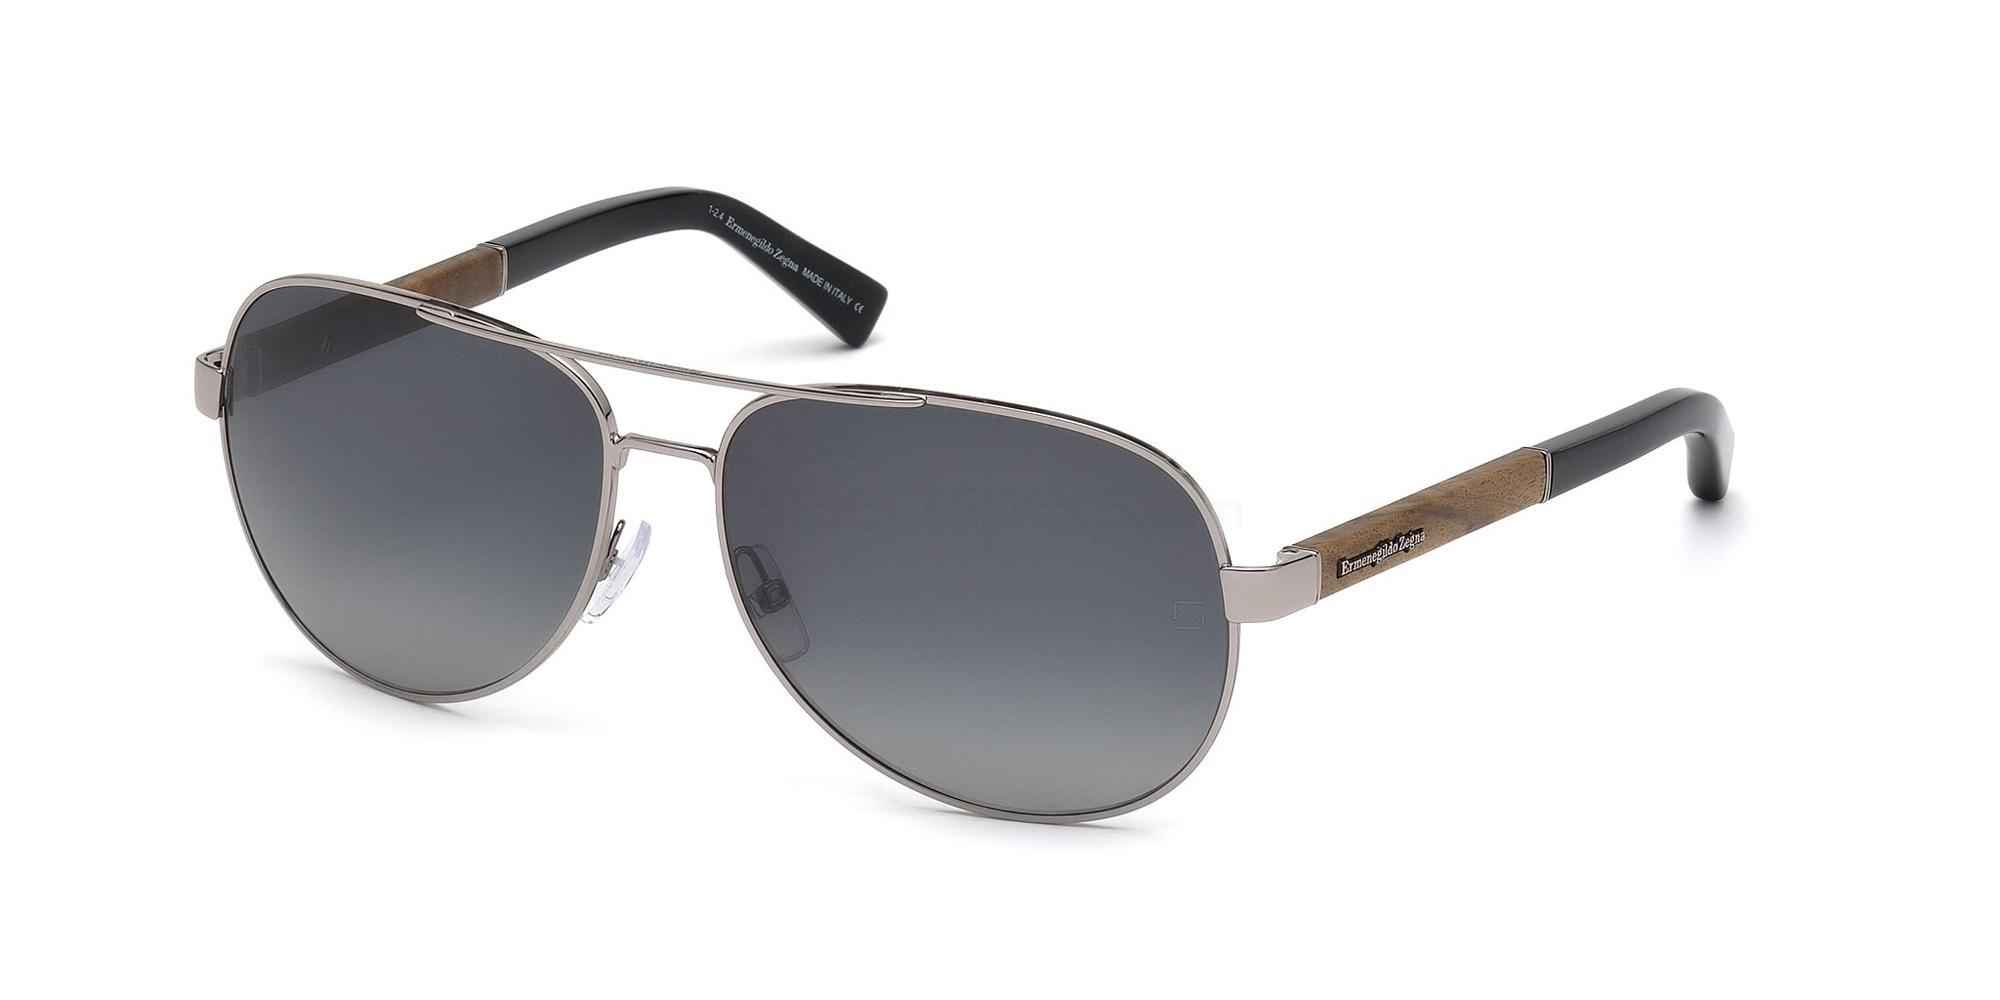 14B EZ0010 Sunglasses, Ermenegildo Zegna